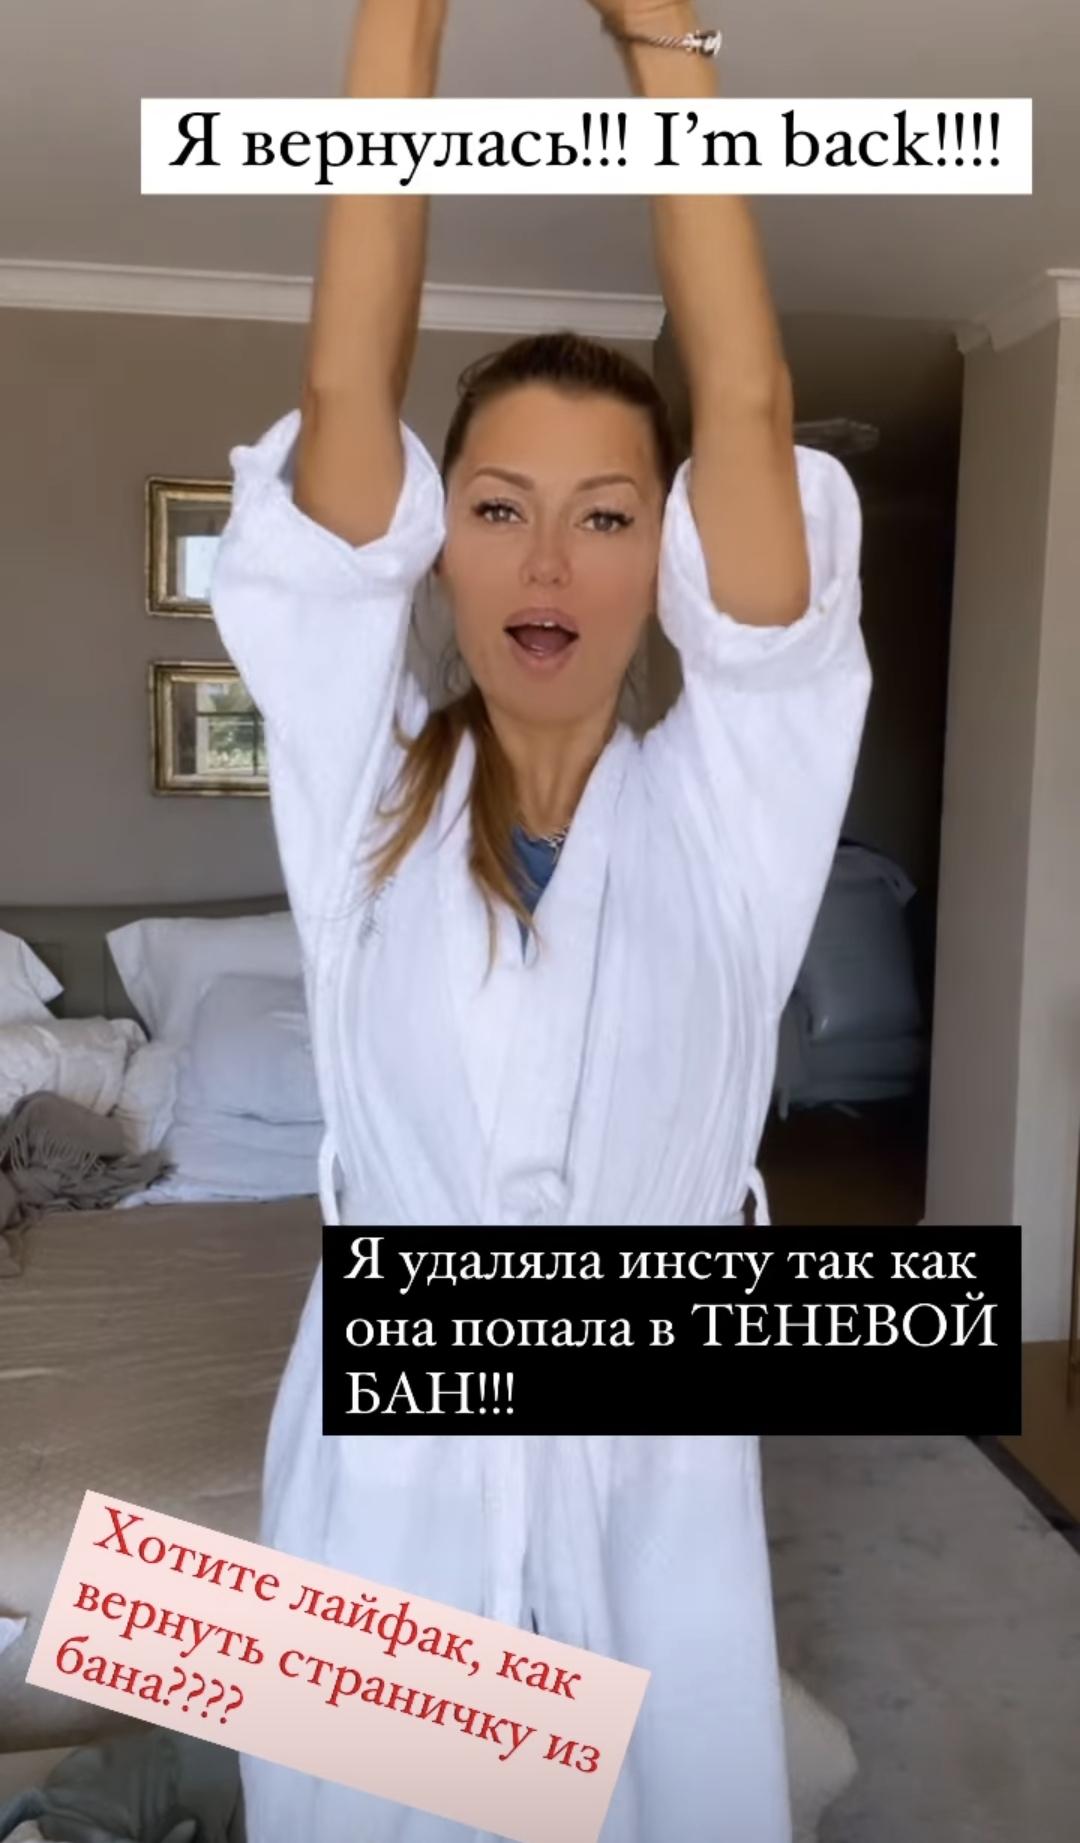 Тусовка с бывшем мужем, вождение авто в халате, алкоголь, танцы до утра: Виктория Боня ушла в загул